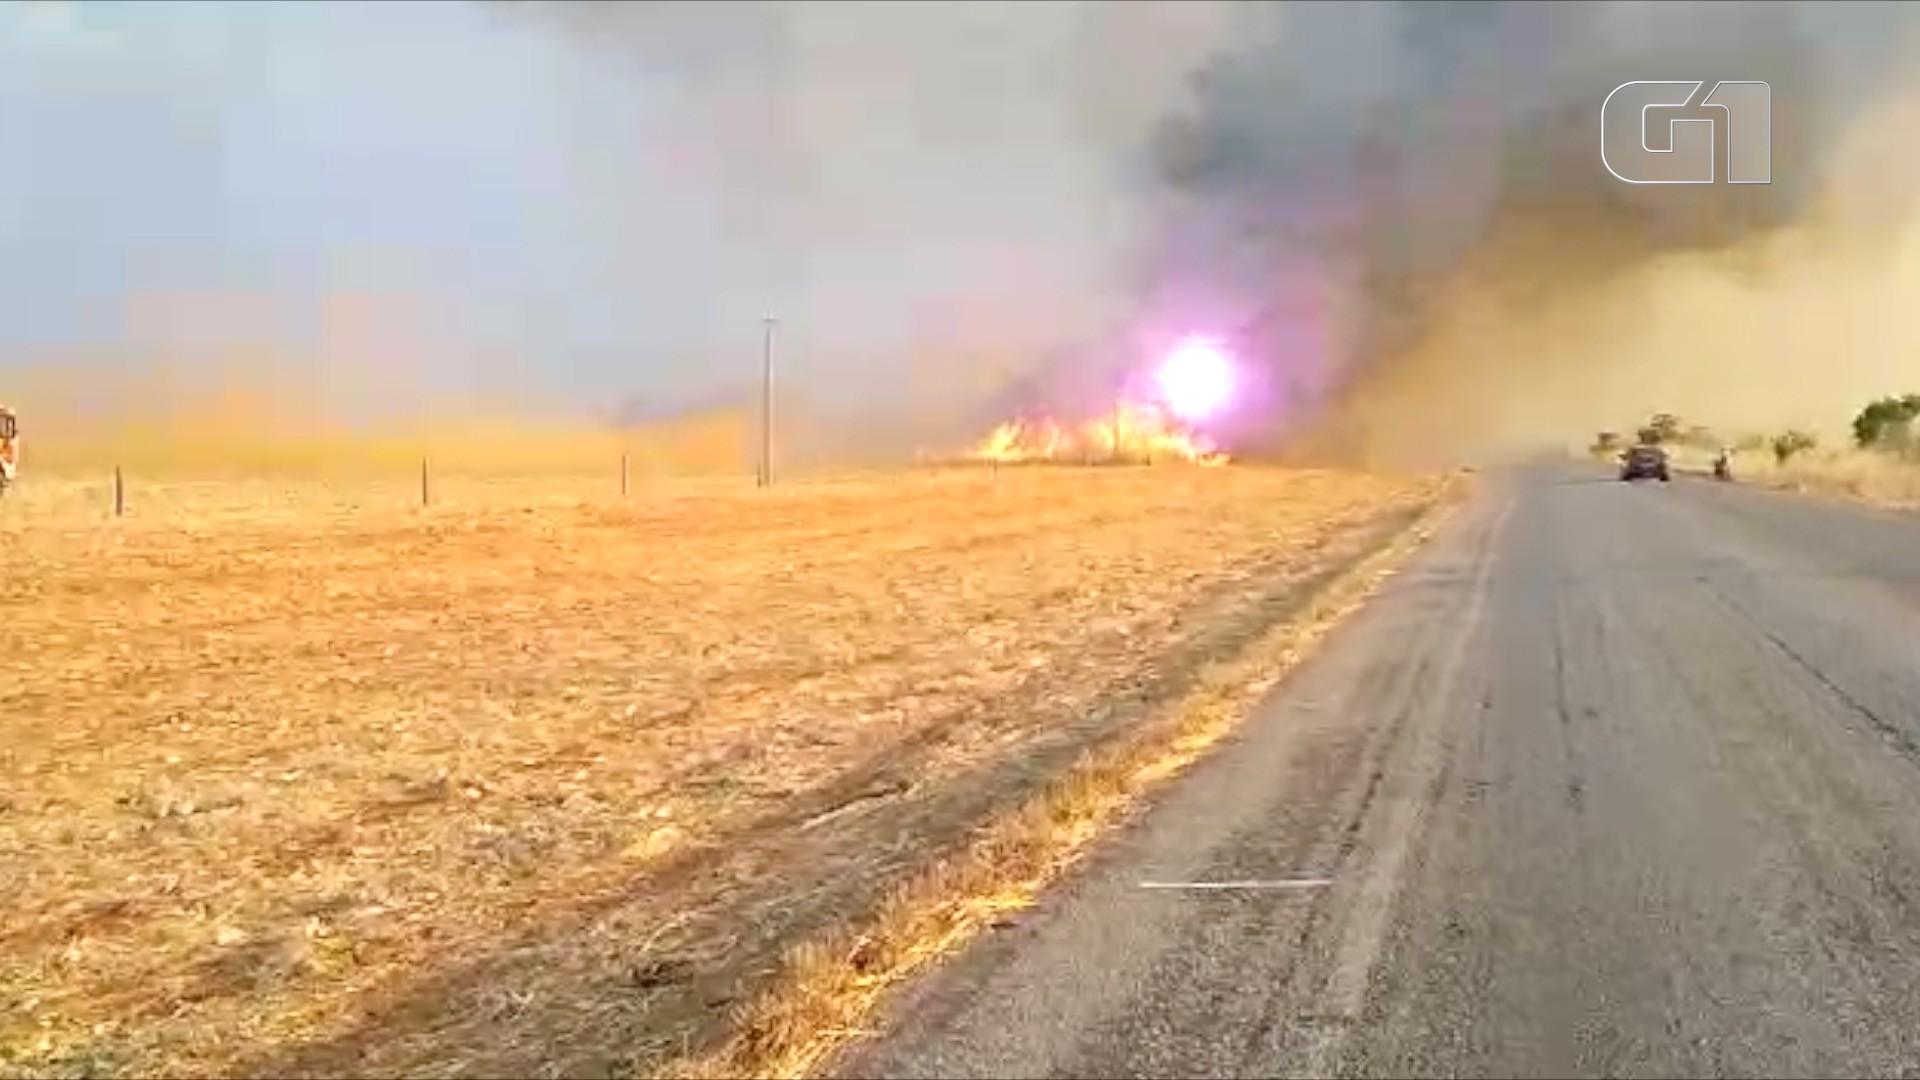 Vídeo mostra explosão em rede elétrica atingida por queimada nas margens de rodovia - Notícias - Plantão Diário